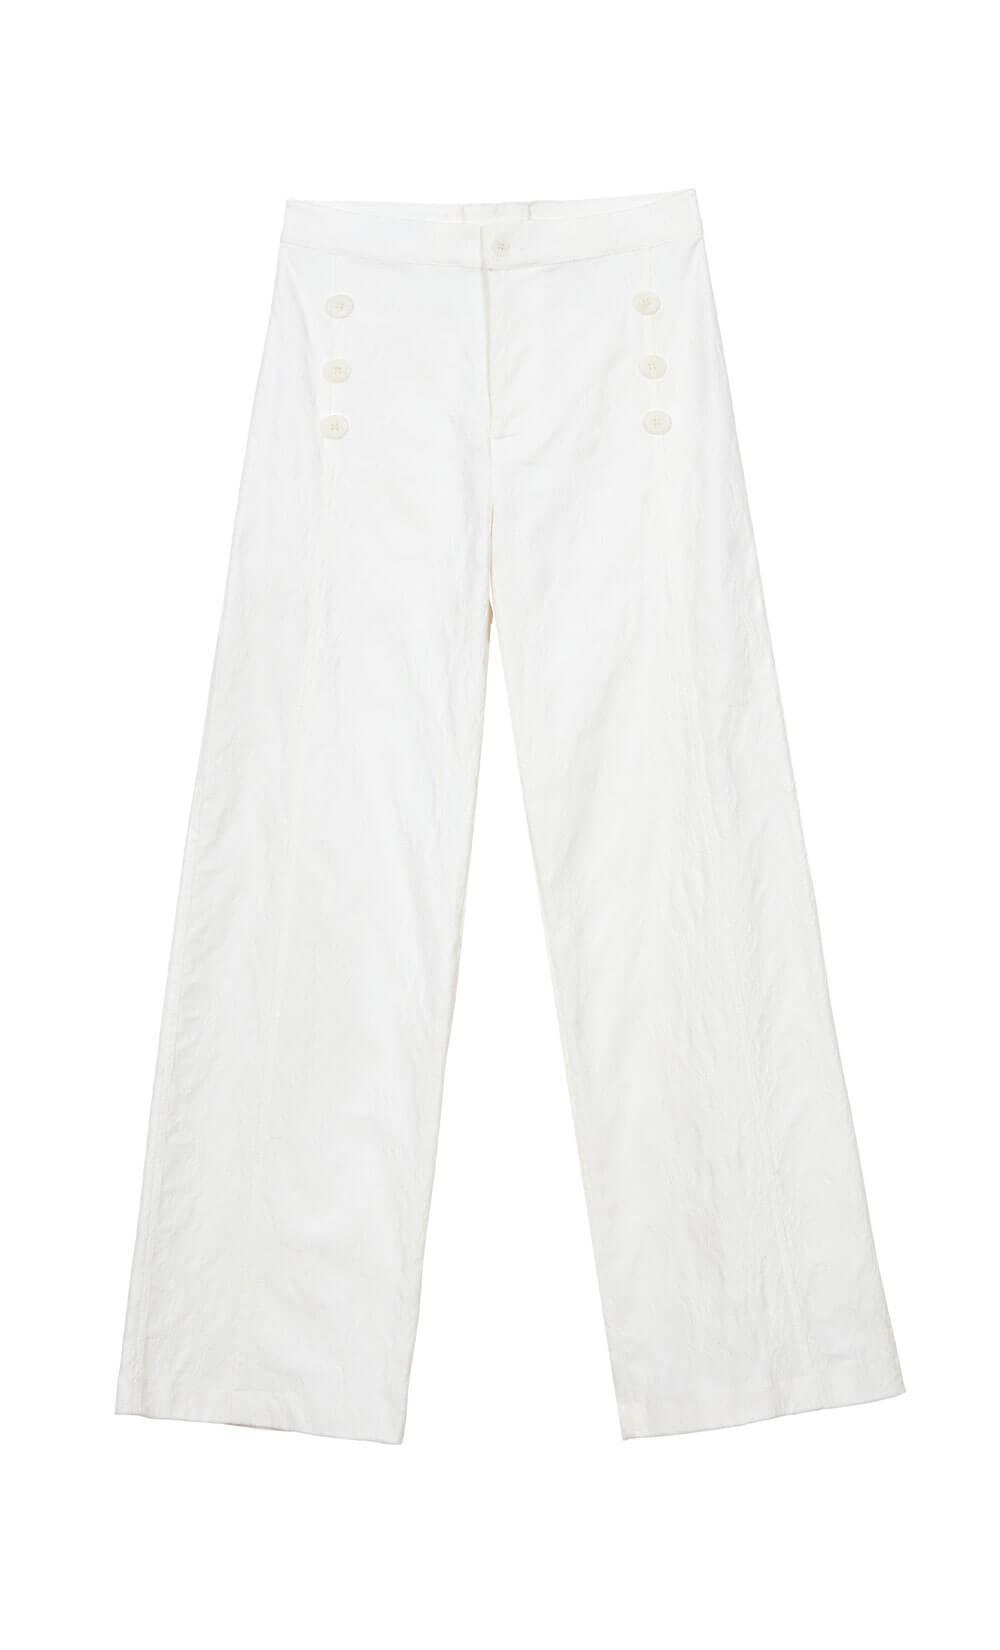 Trivo Pants